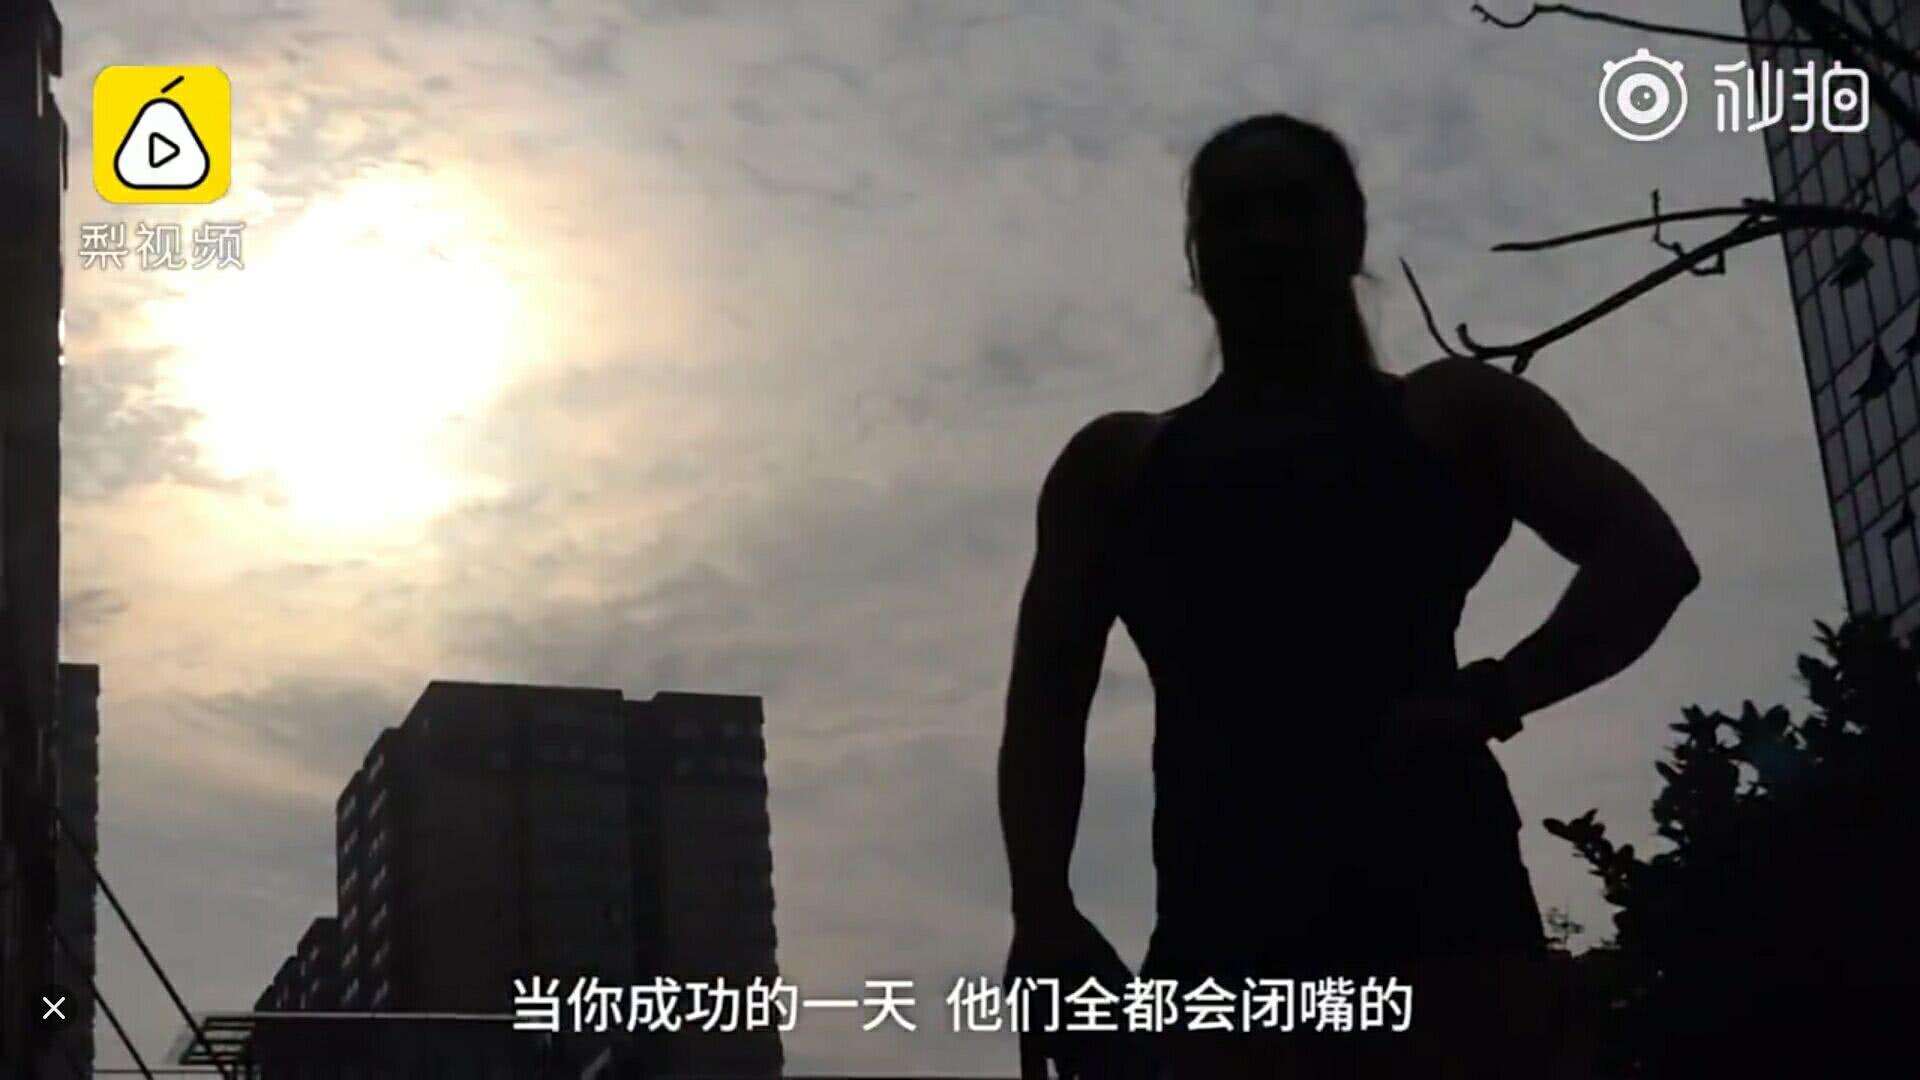 102斤美女健身变金刚!力量总成绩400公斤:一天不撸铁我就难受!